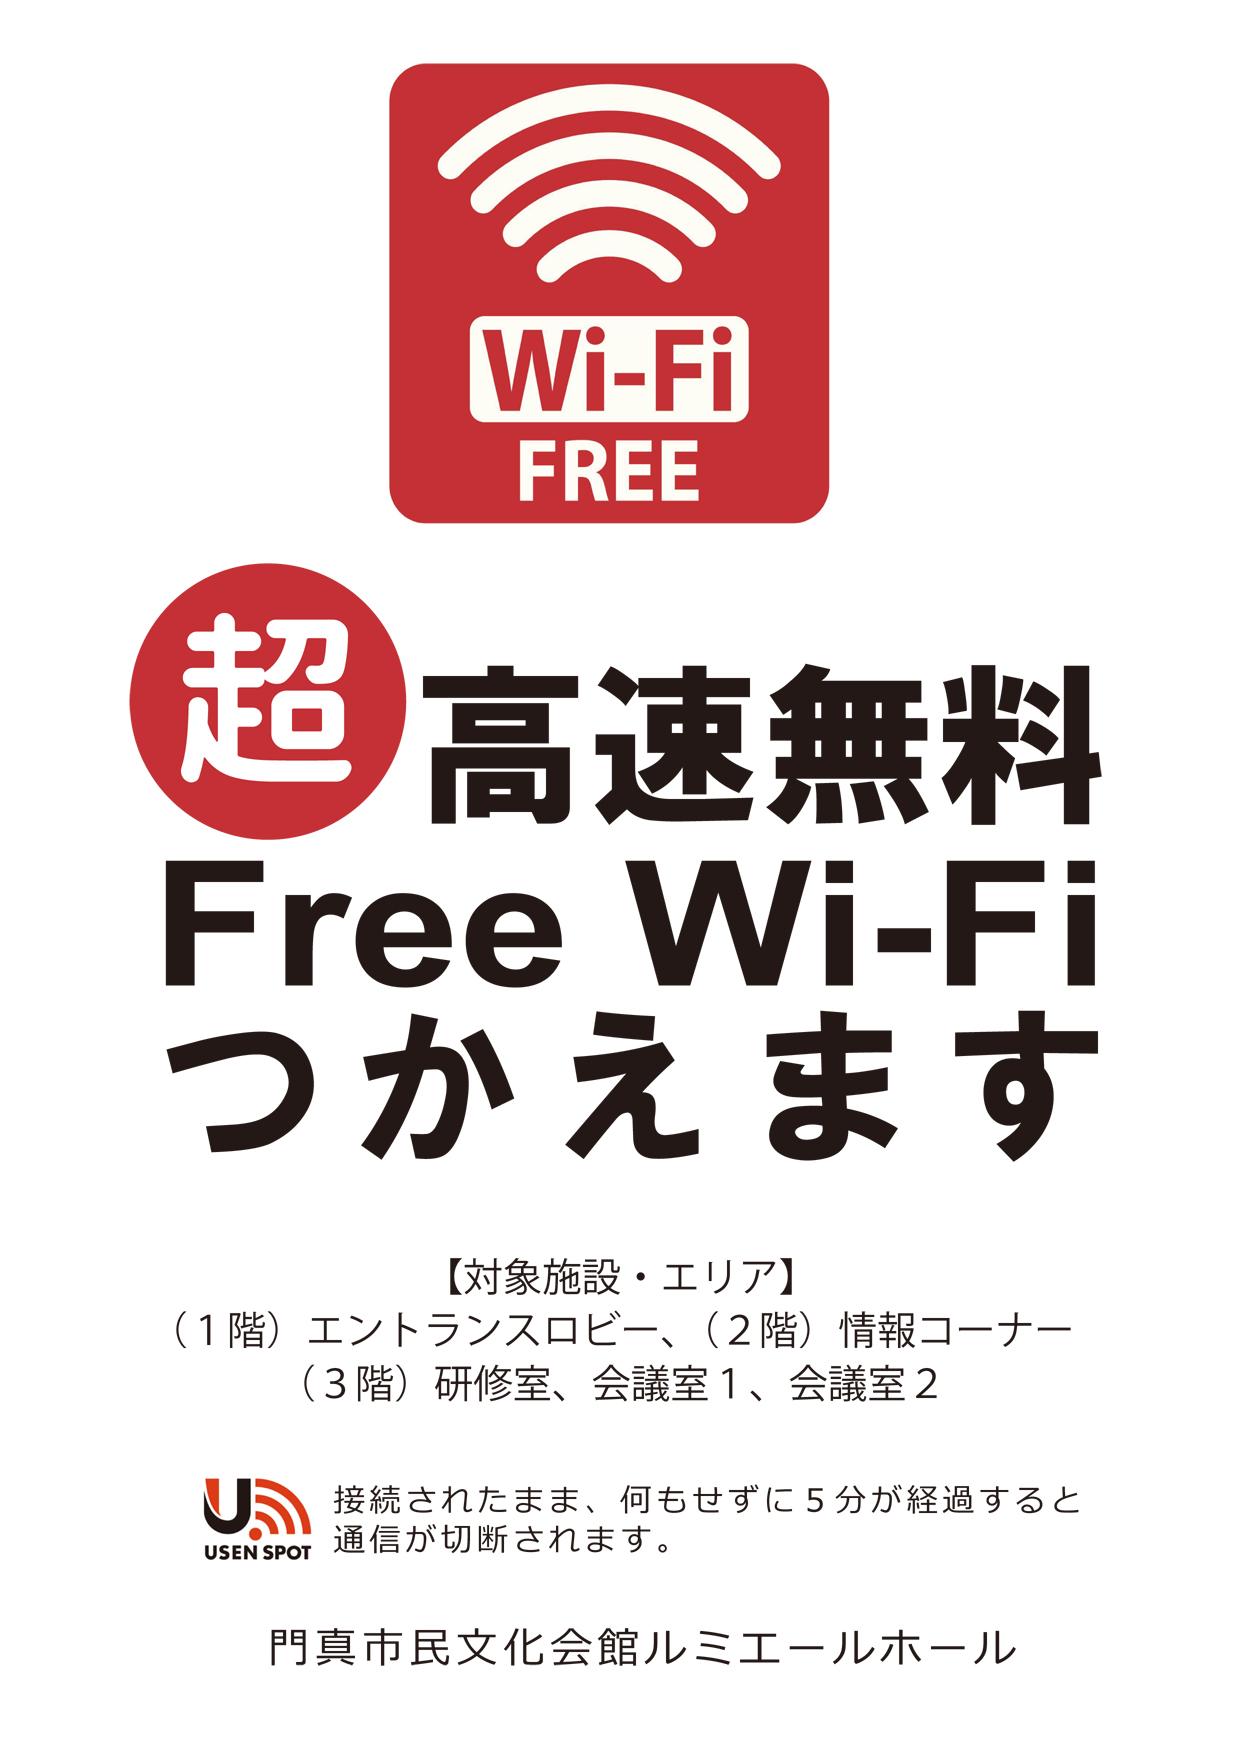 公衆無線LAN(Wi-Fi)スポットを設置しました